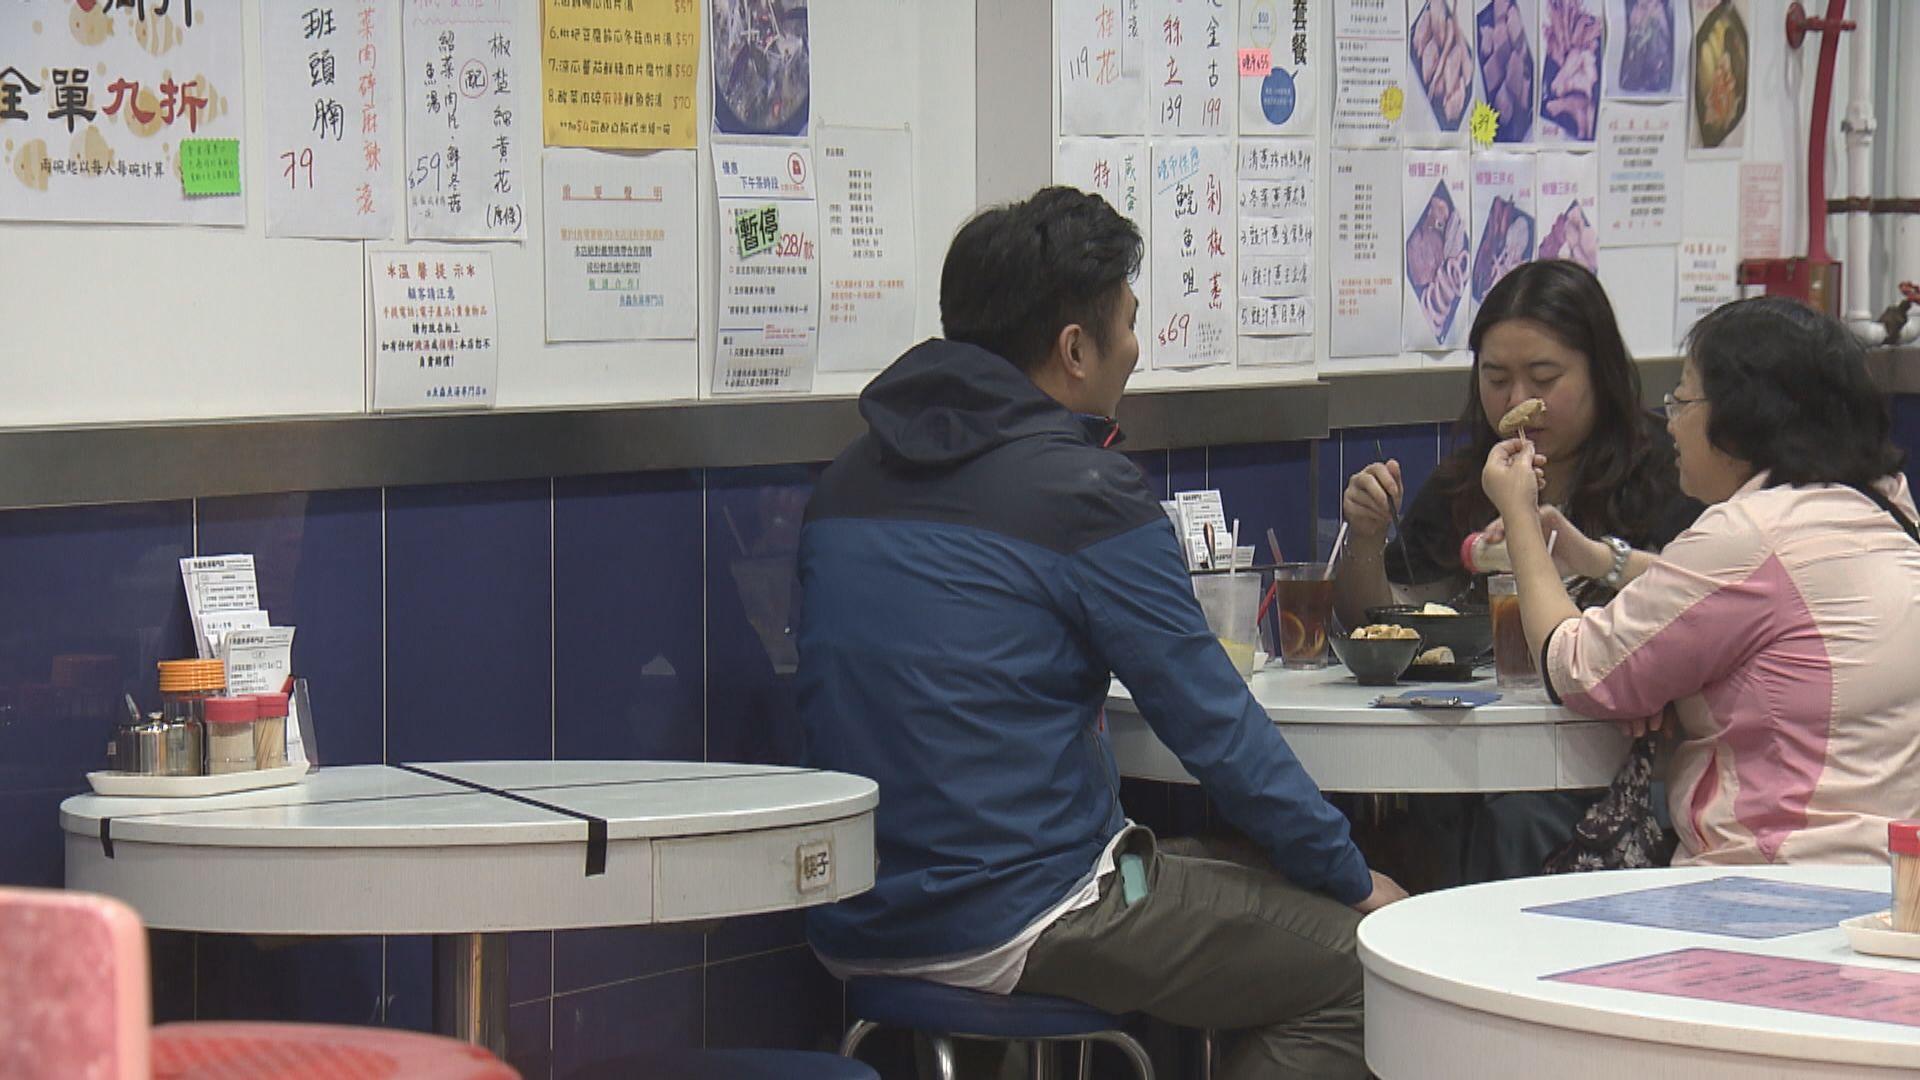 許樹昌: 食肆每枱人數可增至六至八人